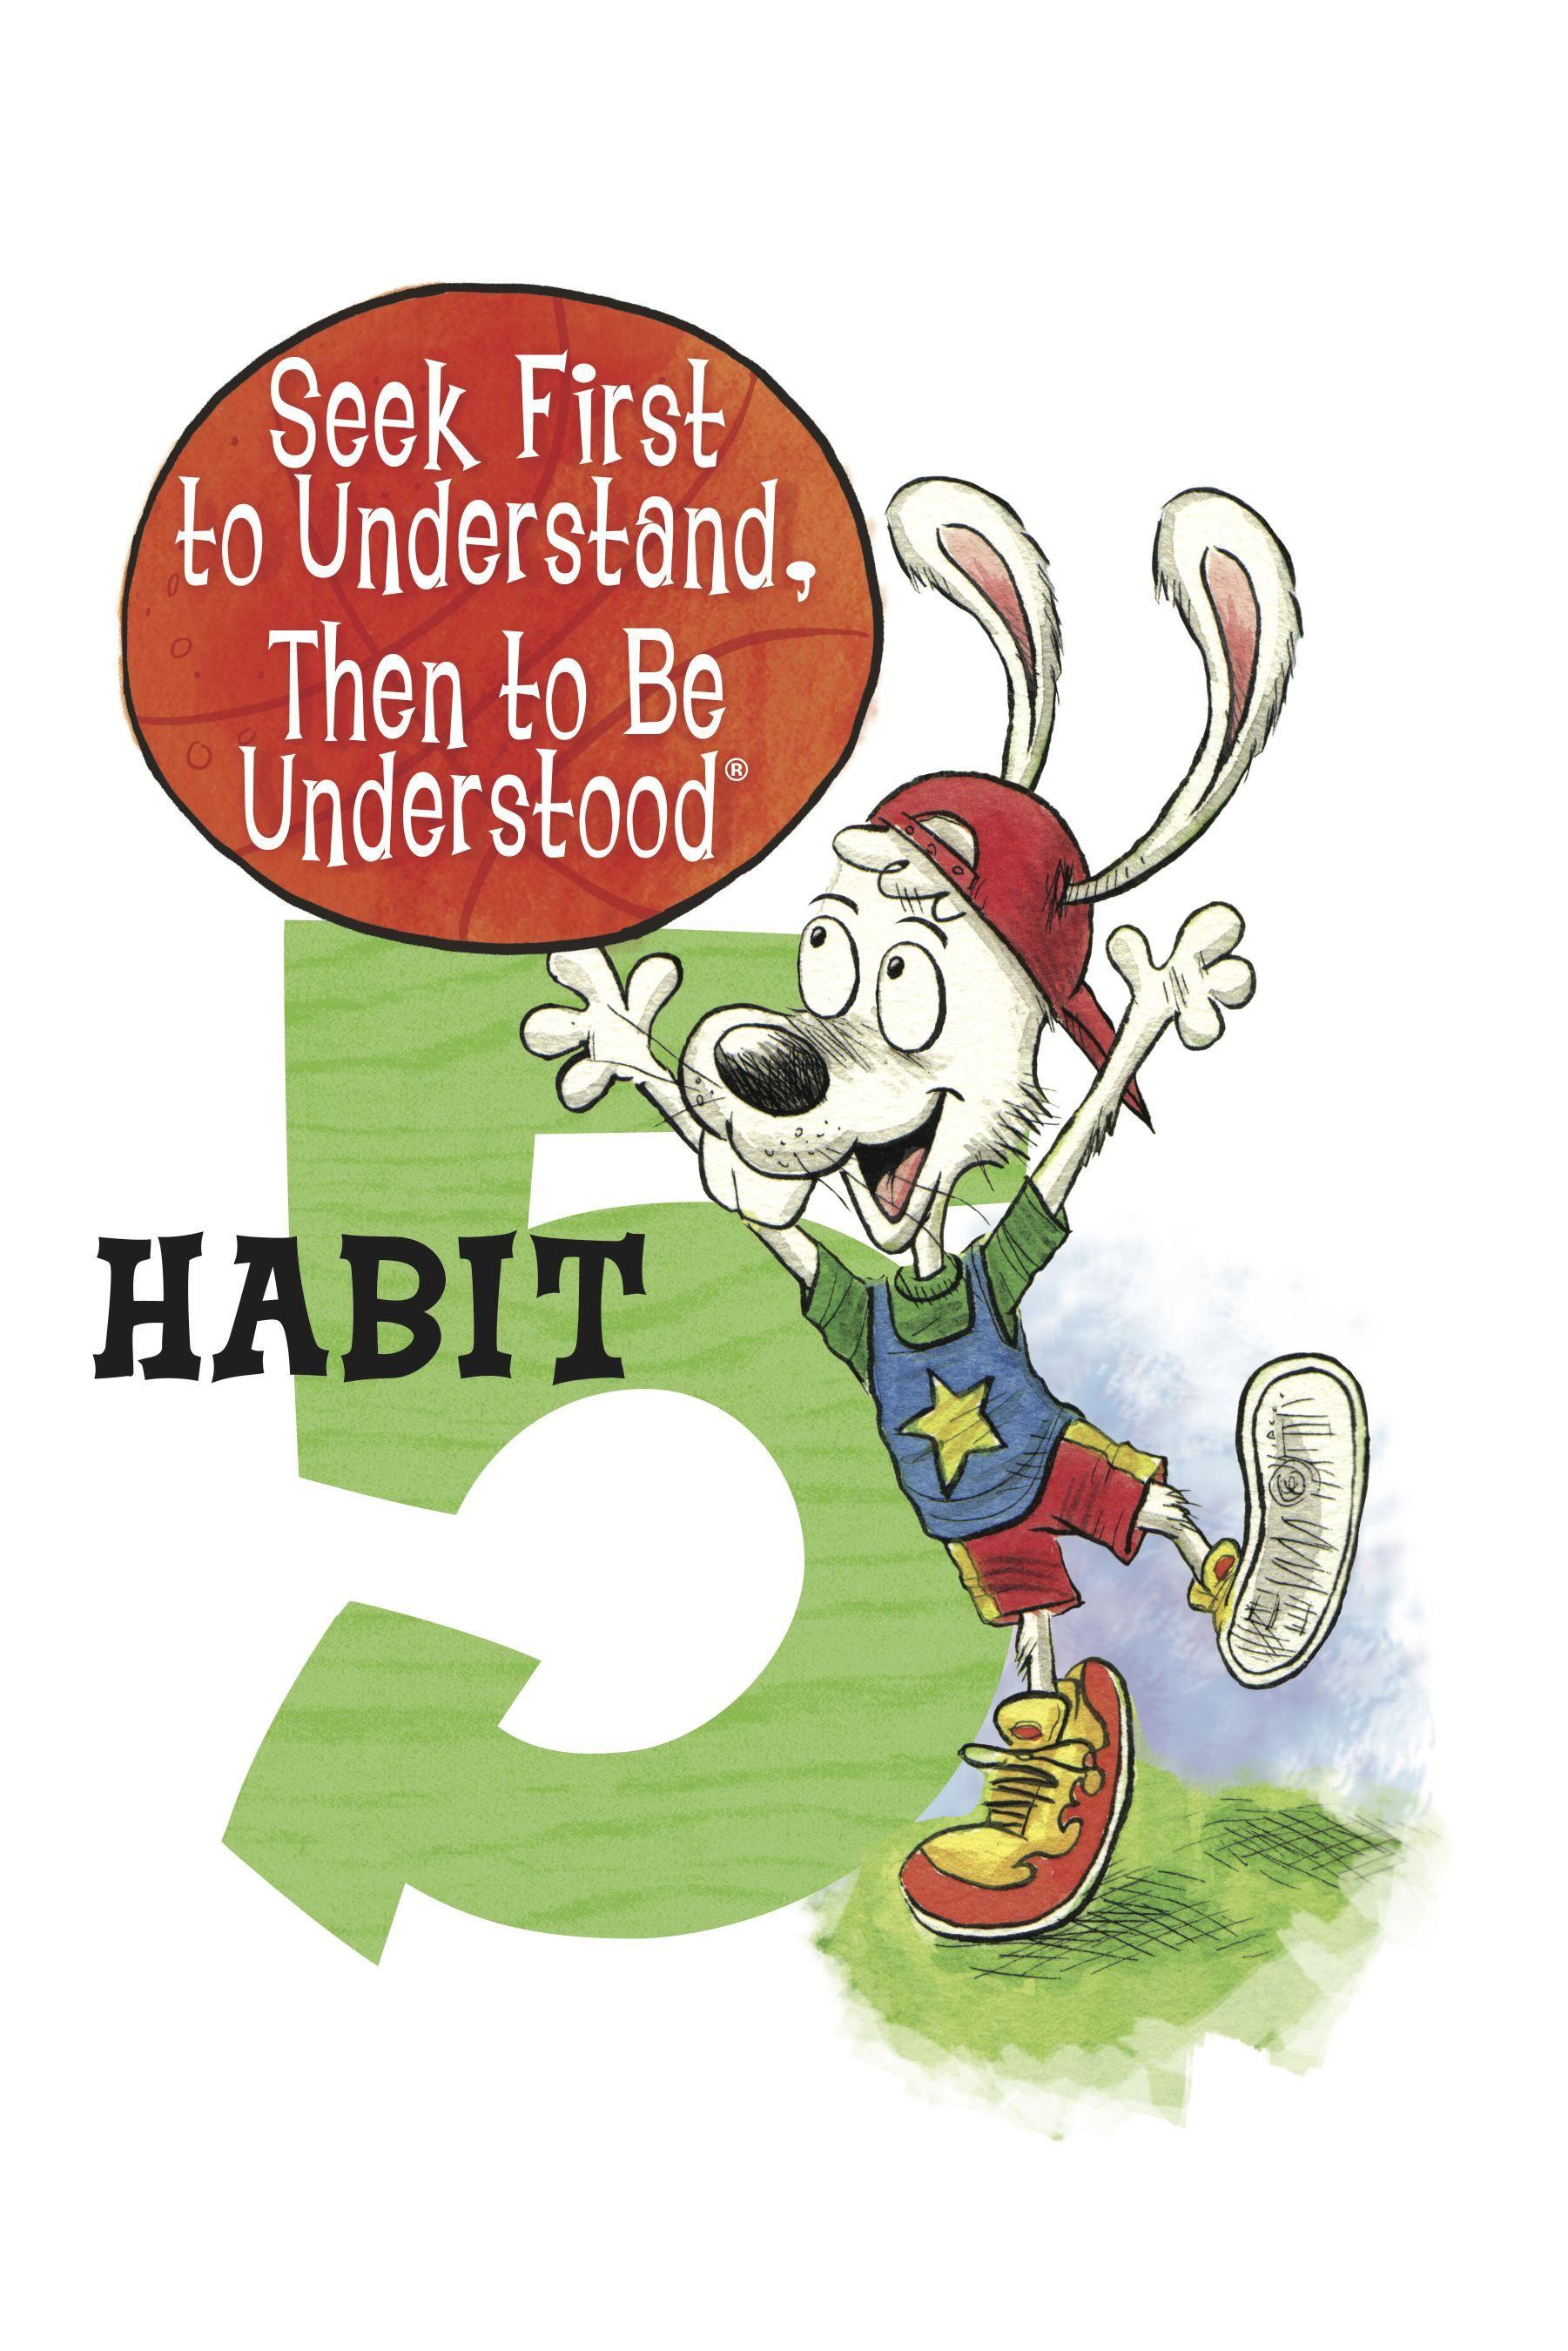 7 habits of happy kids activities | LEADERS @ PGS - Pauline-Glenn Springs